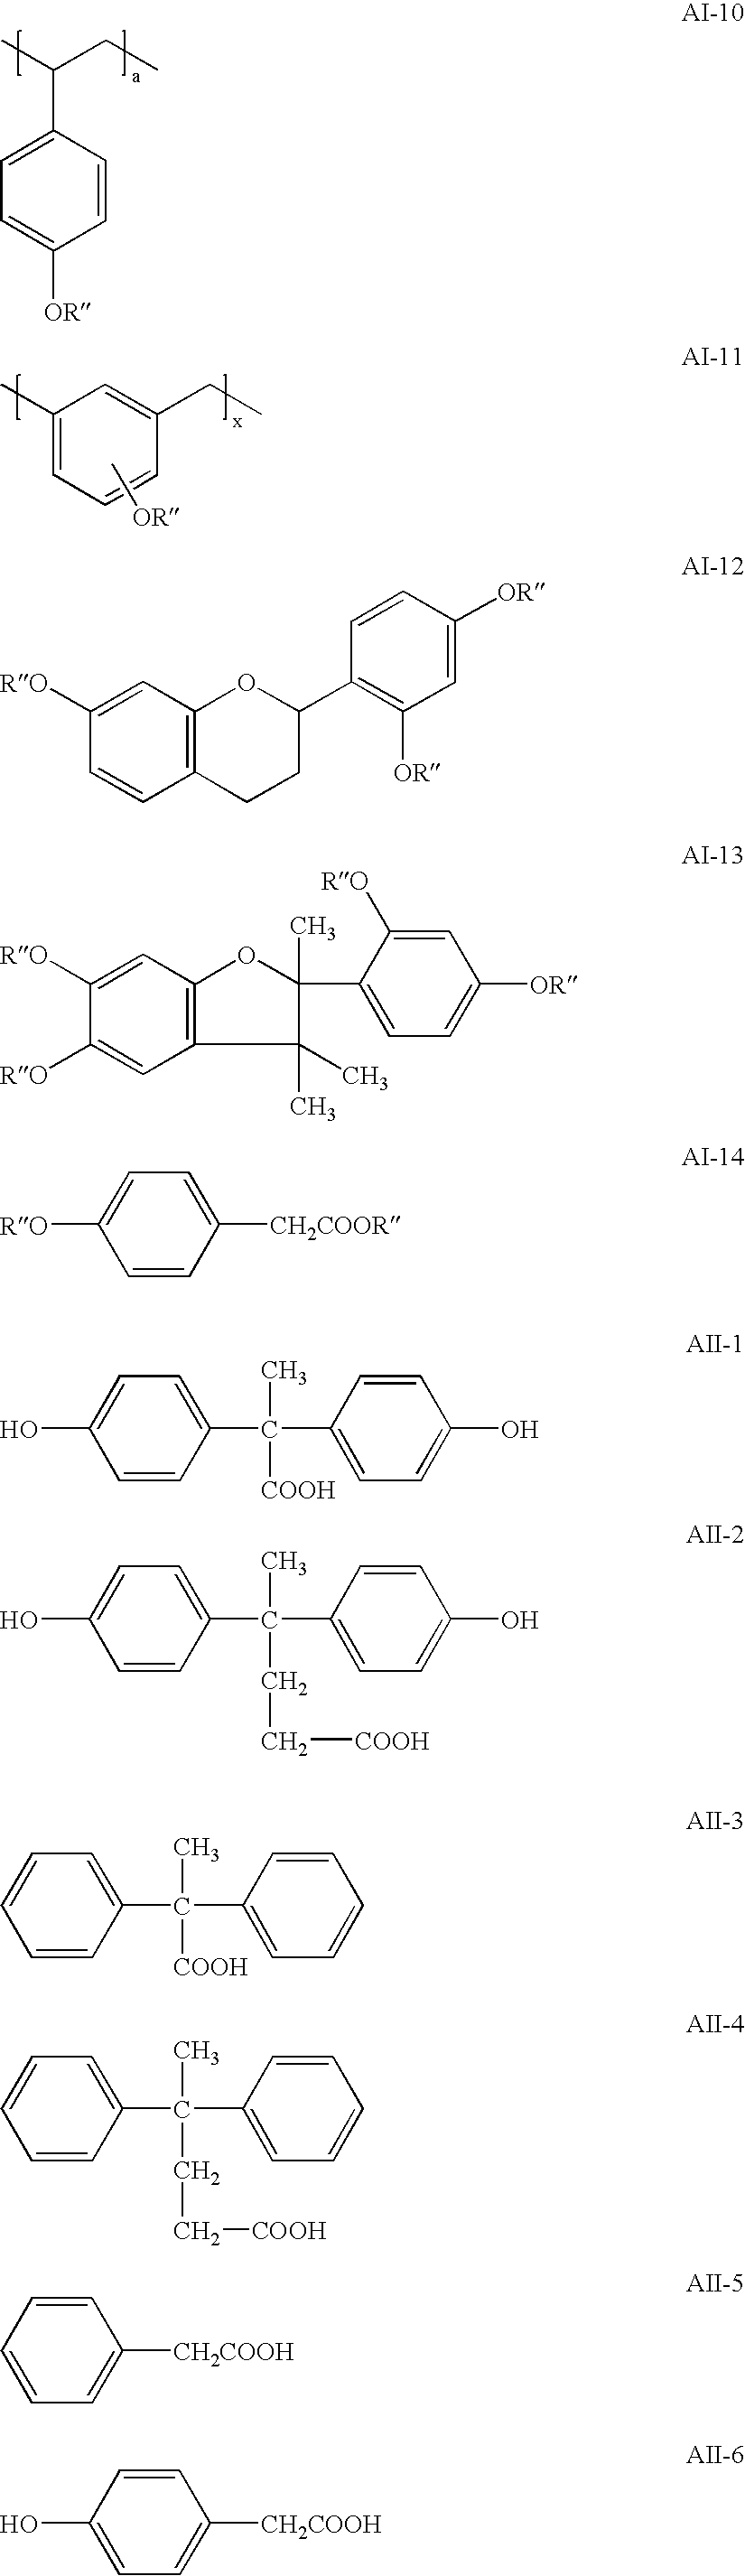 Figure US20040241579A1-20041202-C00040